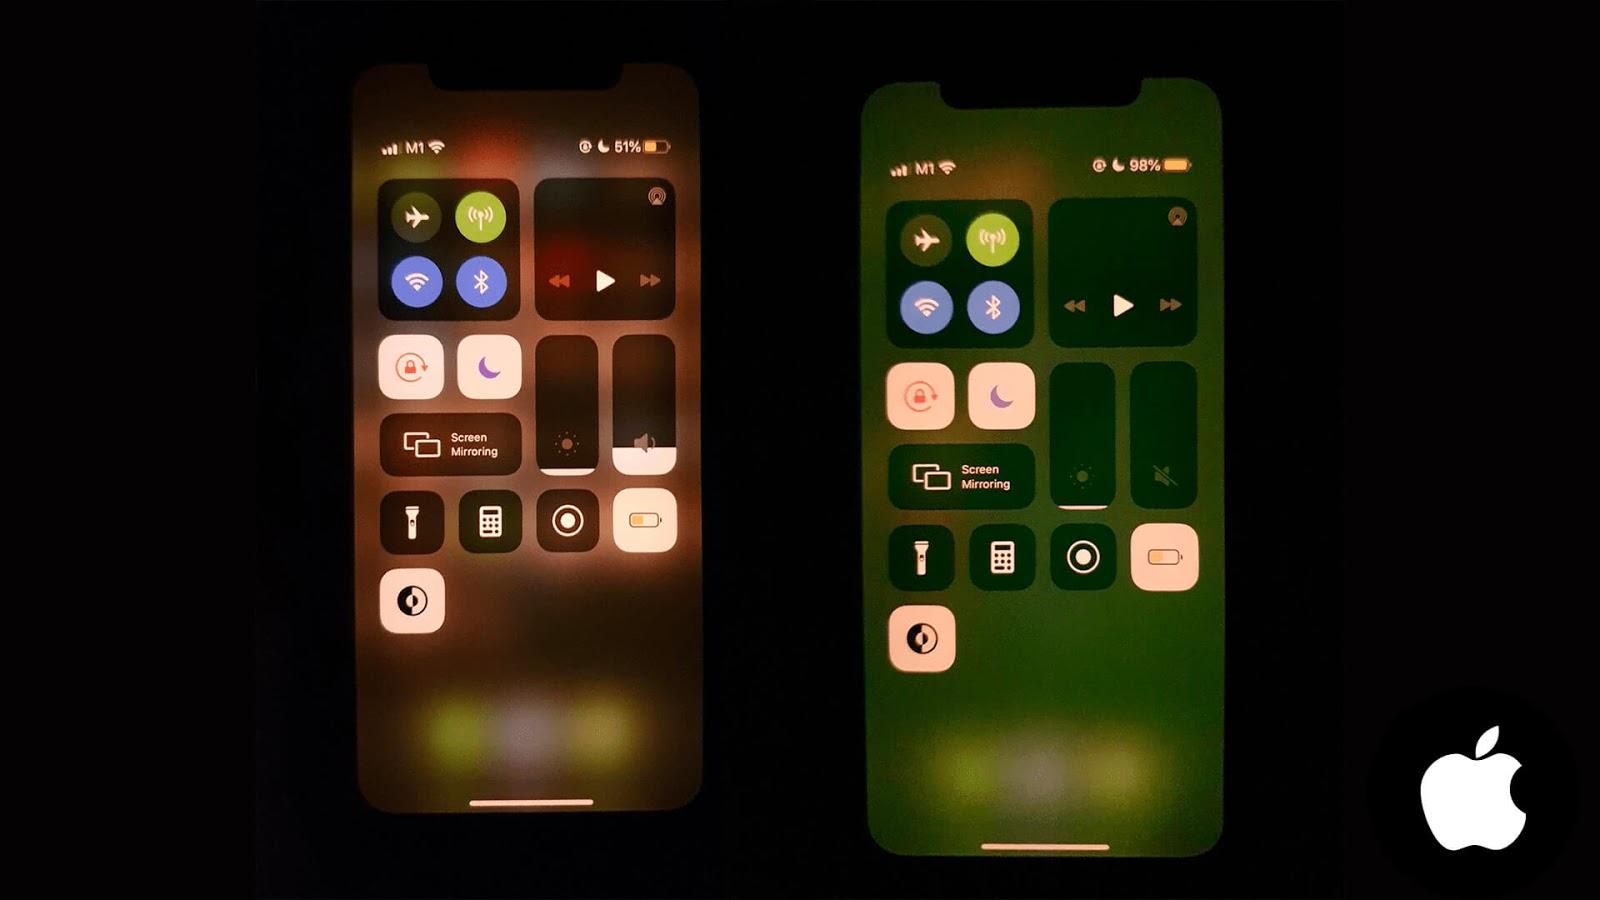 مشكلة ظهور اللون الاخضر بشكل عشوائي في IPHONE 11